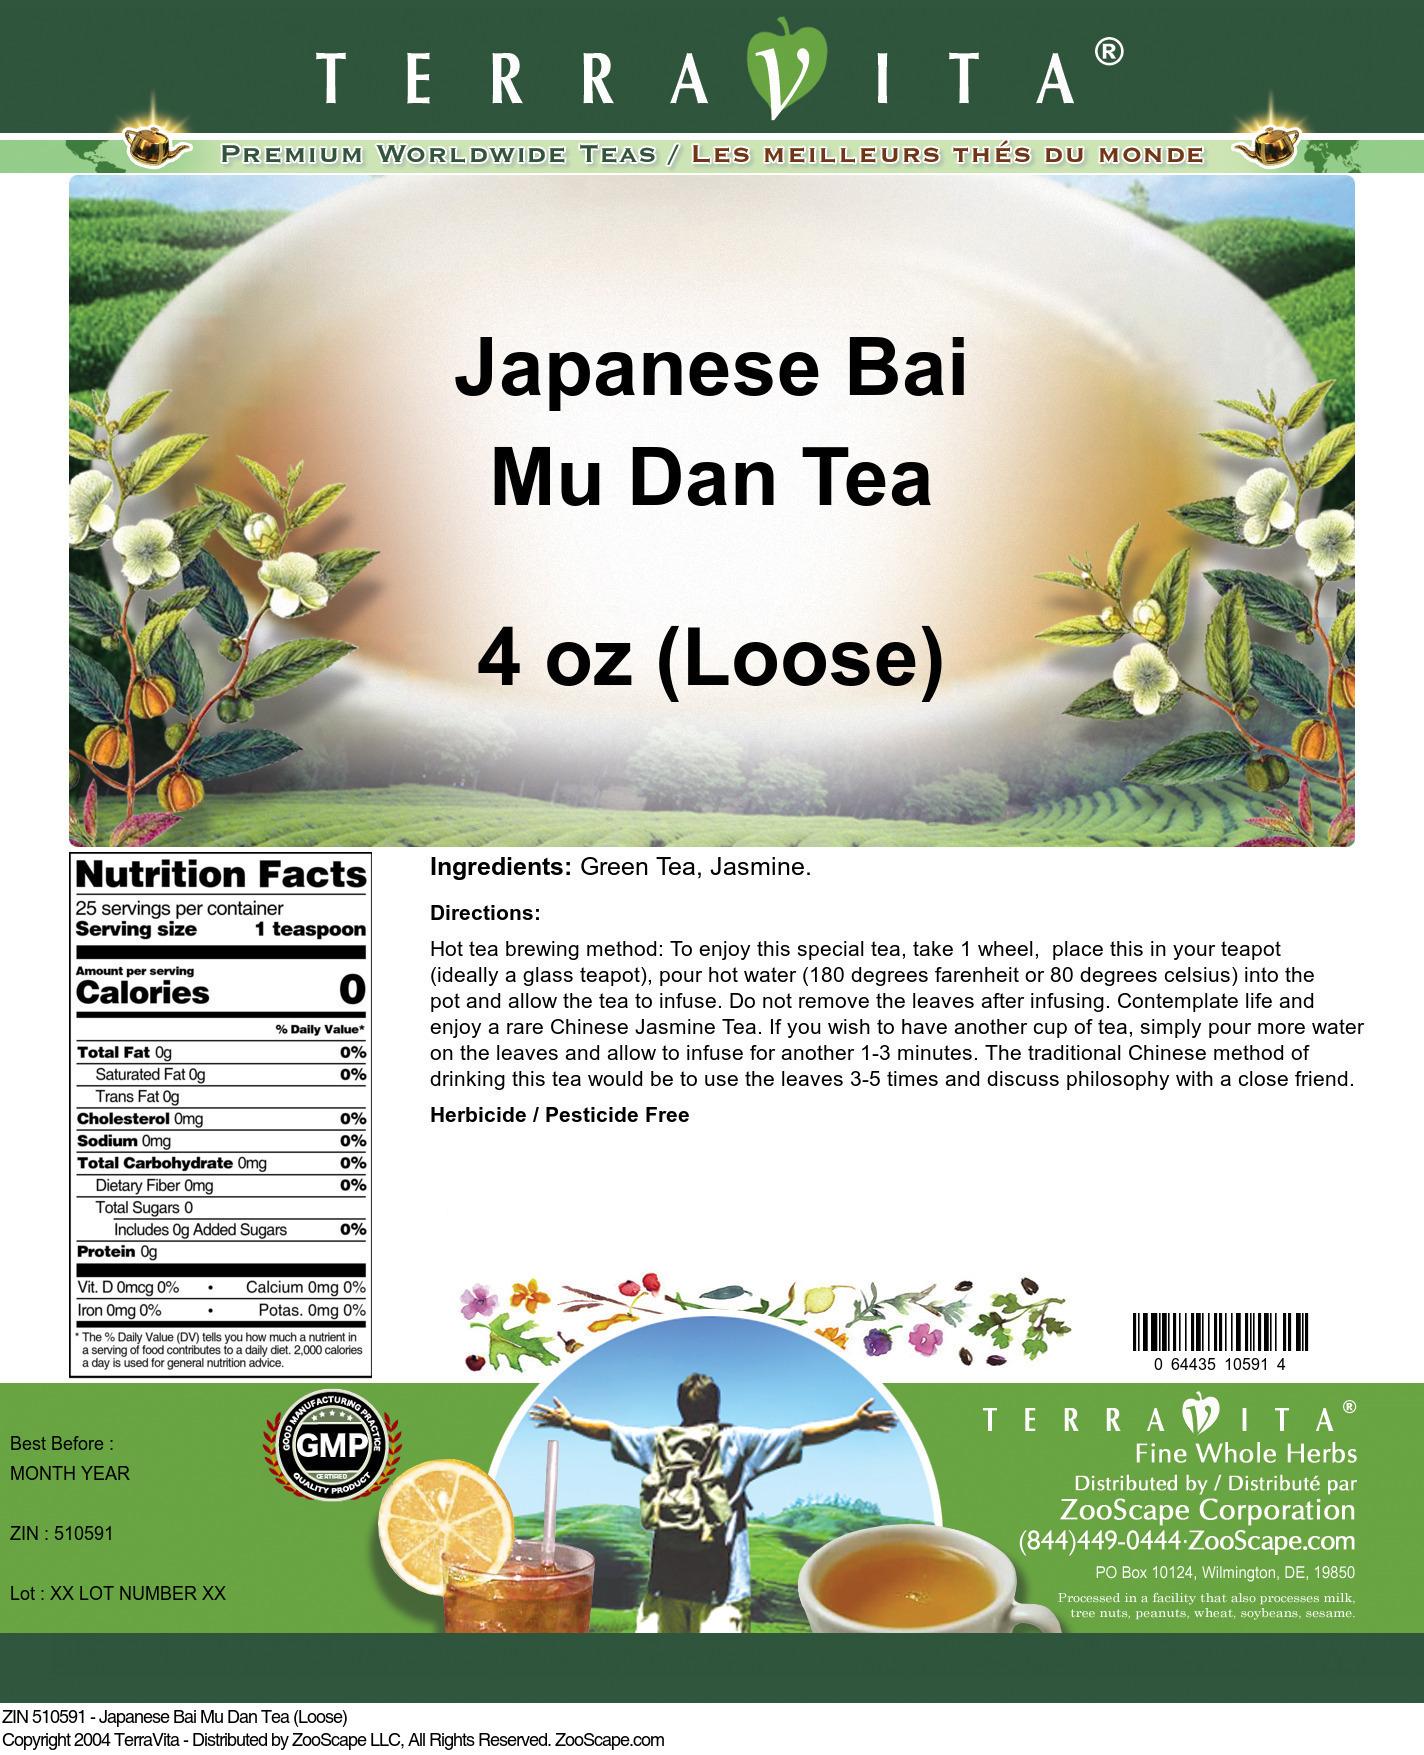 Japanese Bai Mu Dan